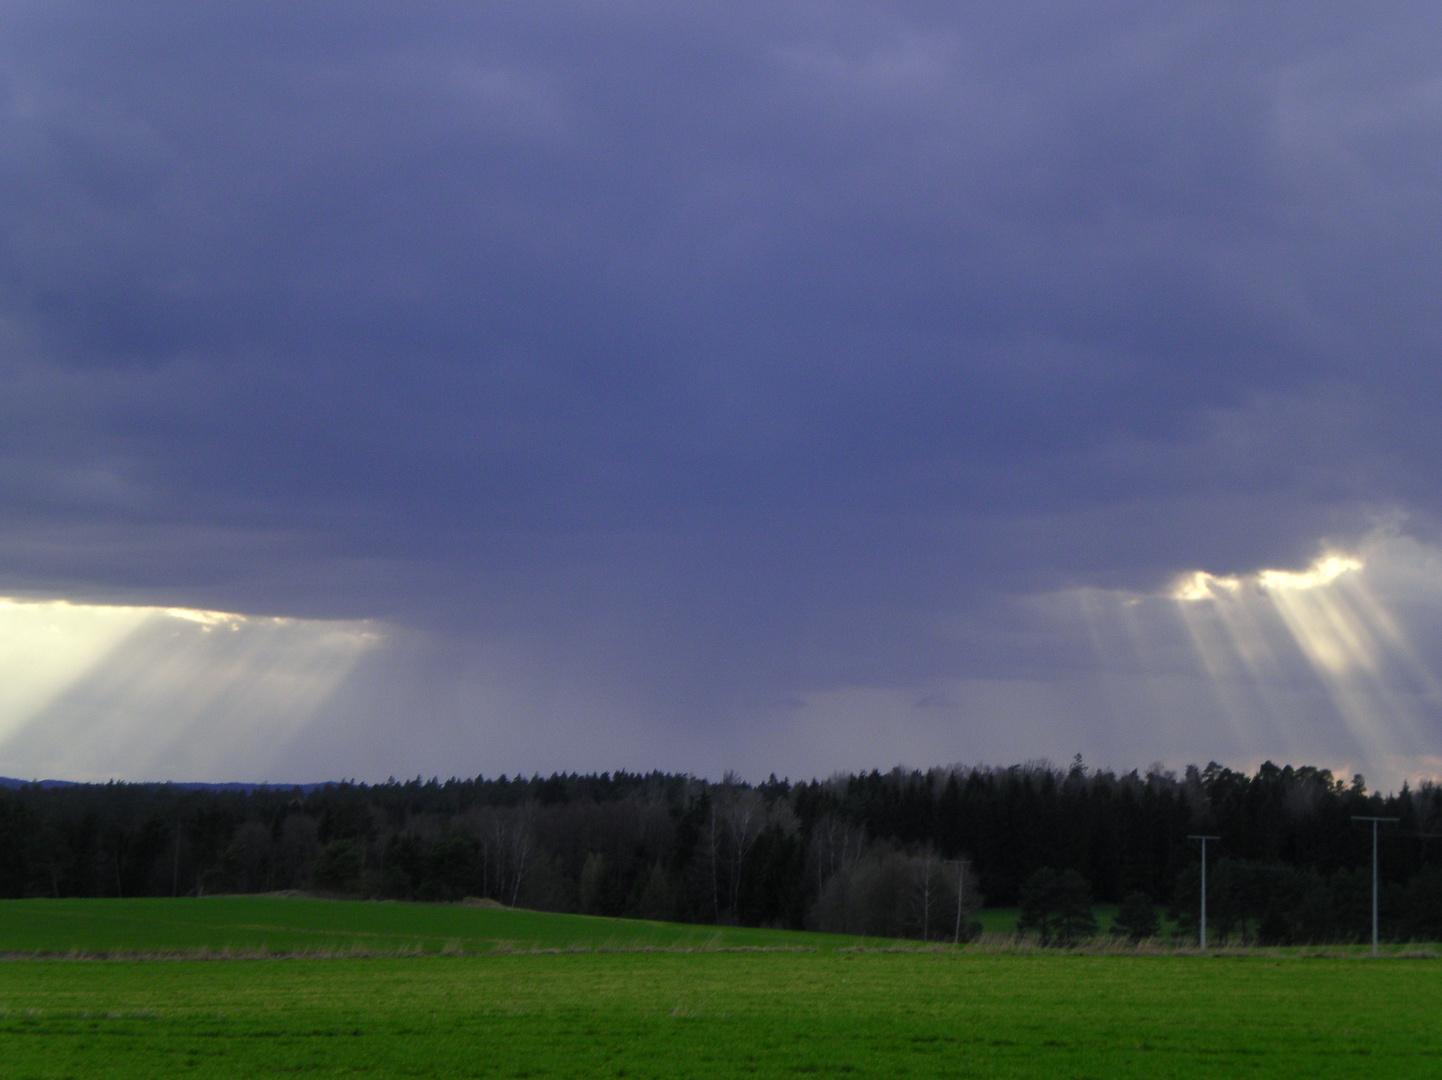 oh da kommt regen!!!!!!!!!!!!!!!!!!!